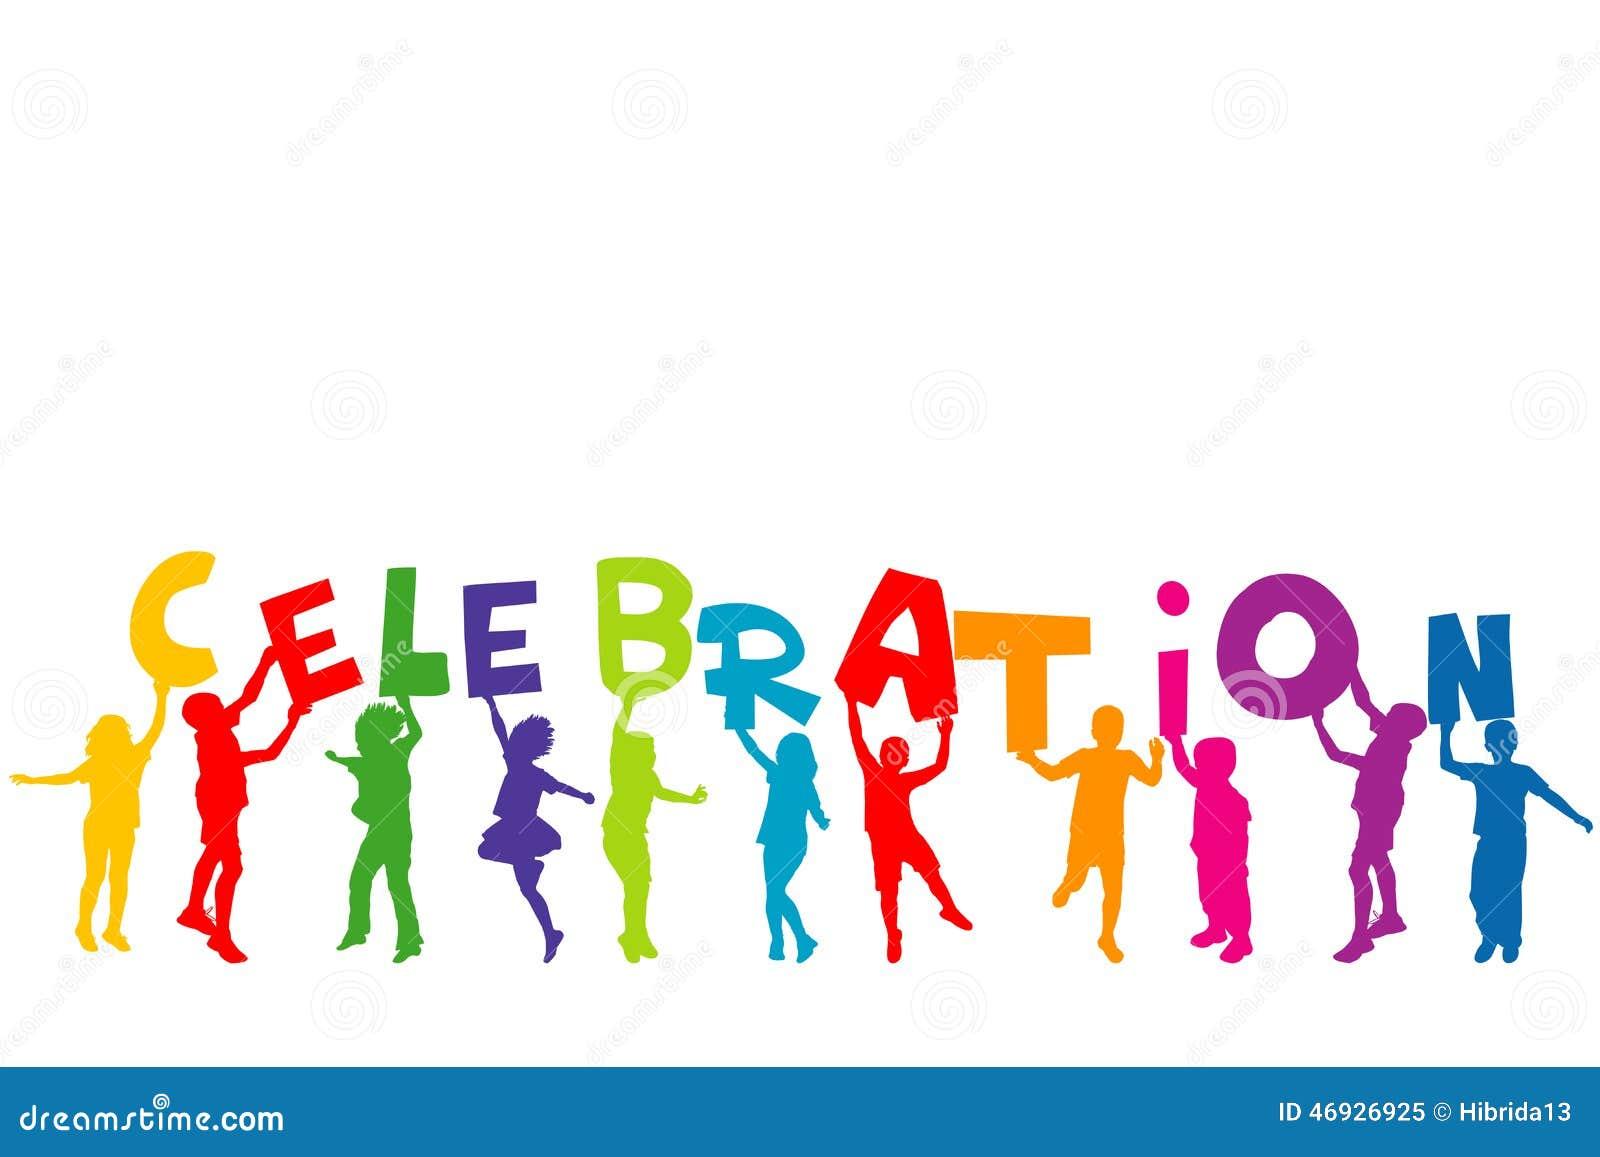 Grupp av barnkonturer som rymmer bokstäver med ordet CELEBRAT